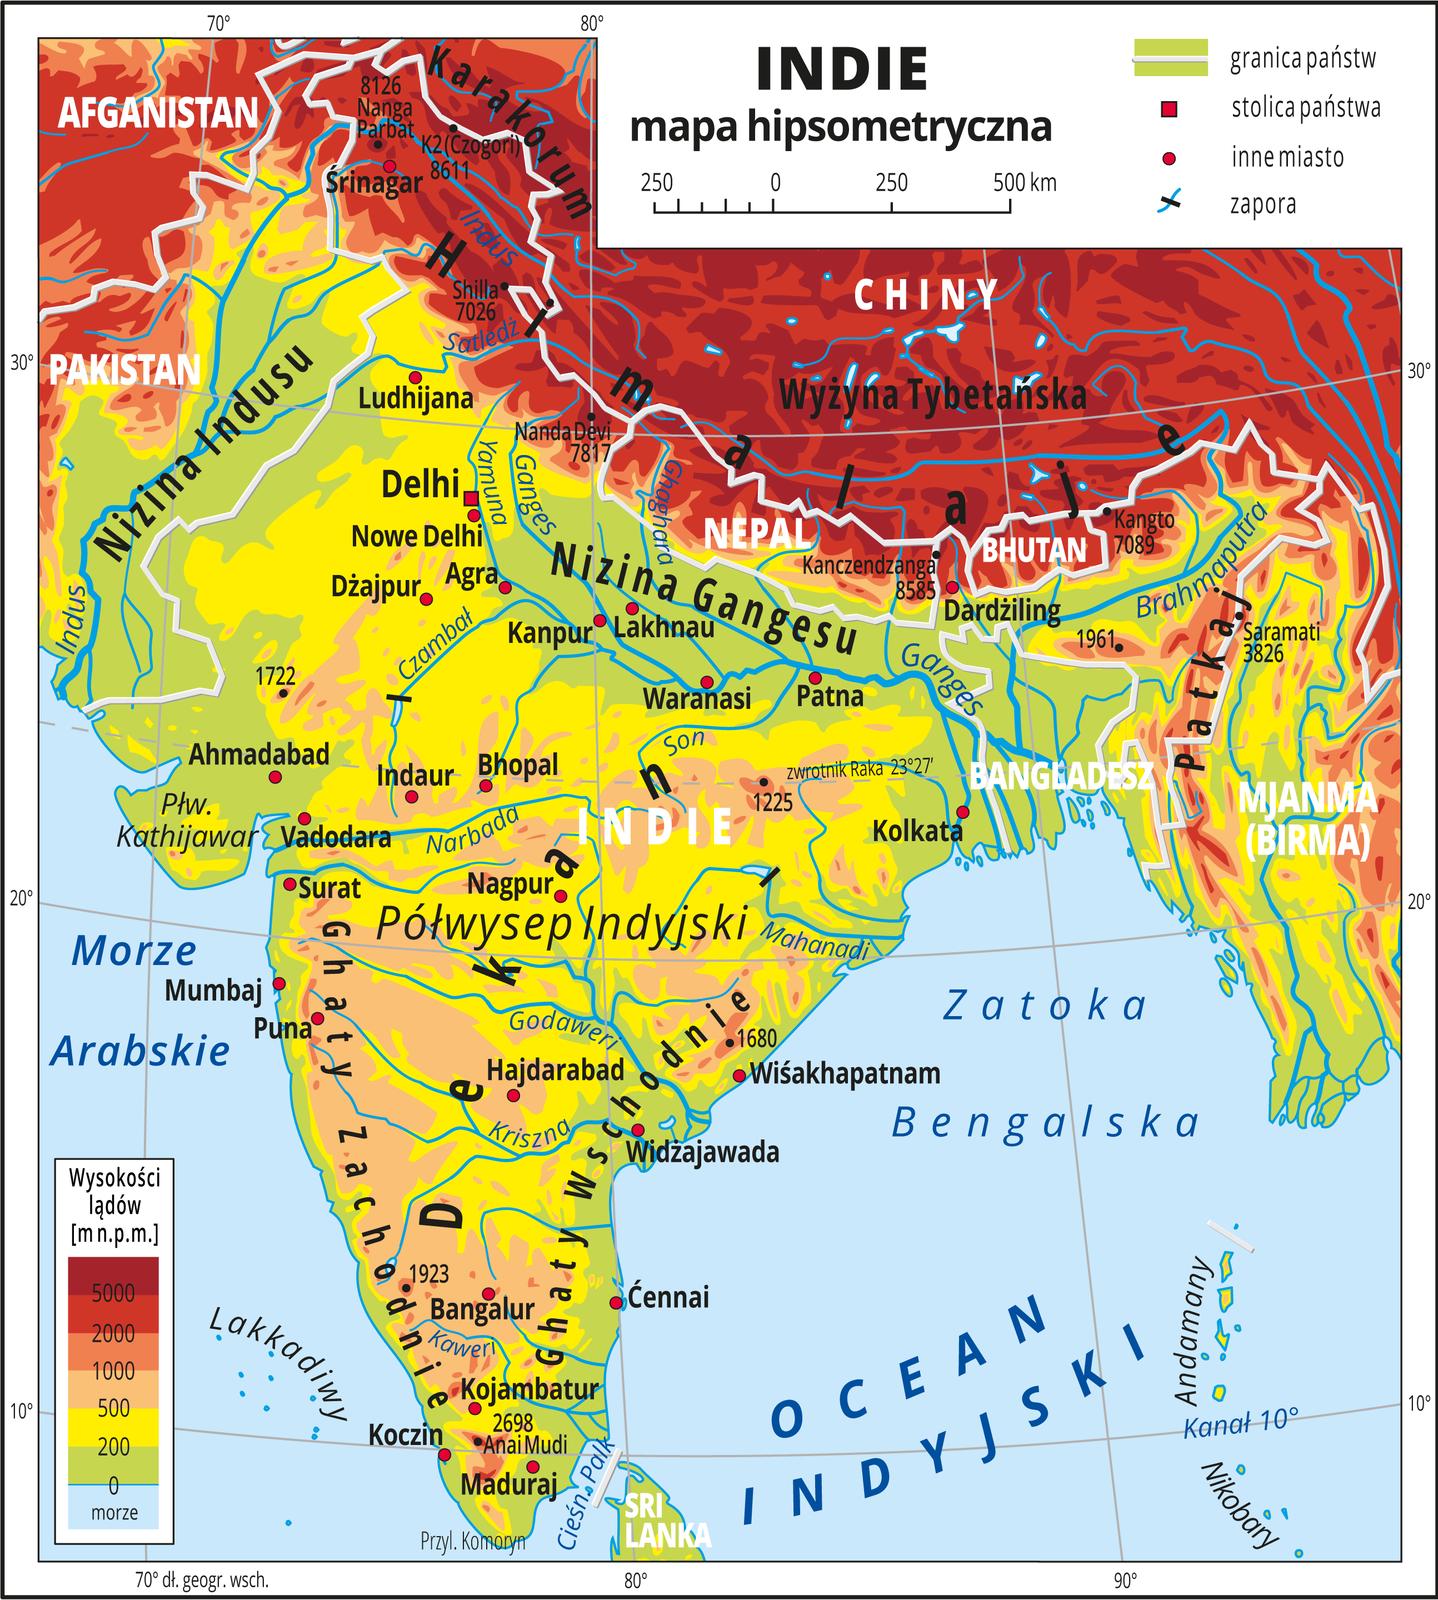 Ilustracja przedstawia mapę hipsometryczną Indii. Wobrębie lądów występują obszary wkolorze zielonym, żółtym, pomarańczowym iczerwonym. WIndiach przeważają wyżyny, niziny są wdolinach rzek (Indus, Ganges) ina wybrzeżach. Północna część mapy obejmuje tereny wyżynne wChinach. Morza zaznaczono kolorem niebieskim. Na mapie opisano nazwy półwyspów, wysp, nizin, wyżyn ipasm górskich, mórz, zatok, rzek ijezior. Poprowadzono granice państw iopisano nazwy państw. Oznaczono iopisano stolice igłówne miasta. Oznaczono czarnymi kropkami iopisano szczyty górskie. Mapa pokryta jest równoleżnikami ipołudnikami. Dookoła mapy wbiałej ramce opisano współrzędne geograficzne co dziesięć stopni. Wlegendzie umieszczono iopisano znaki użyte na mapie.